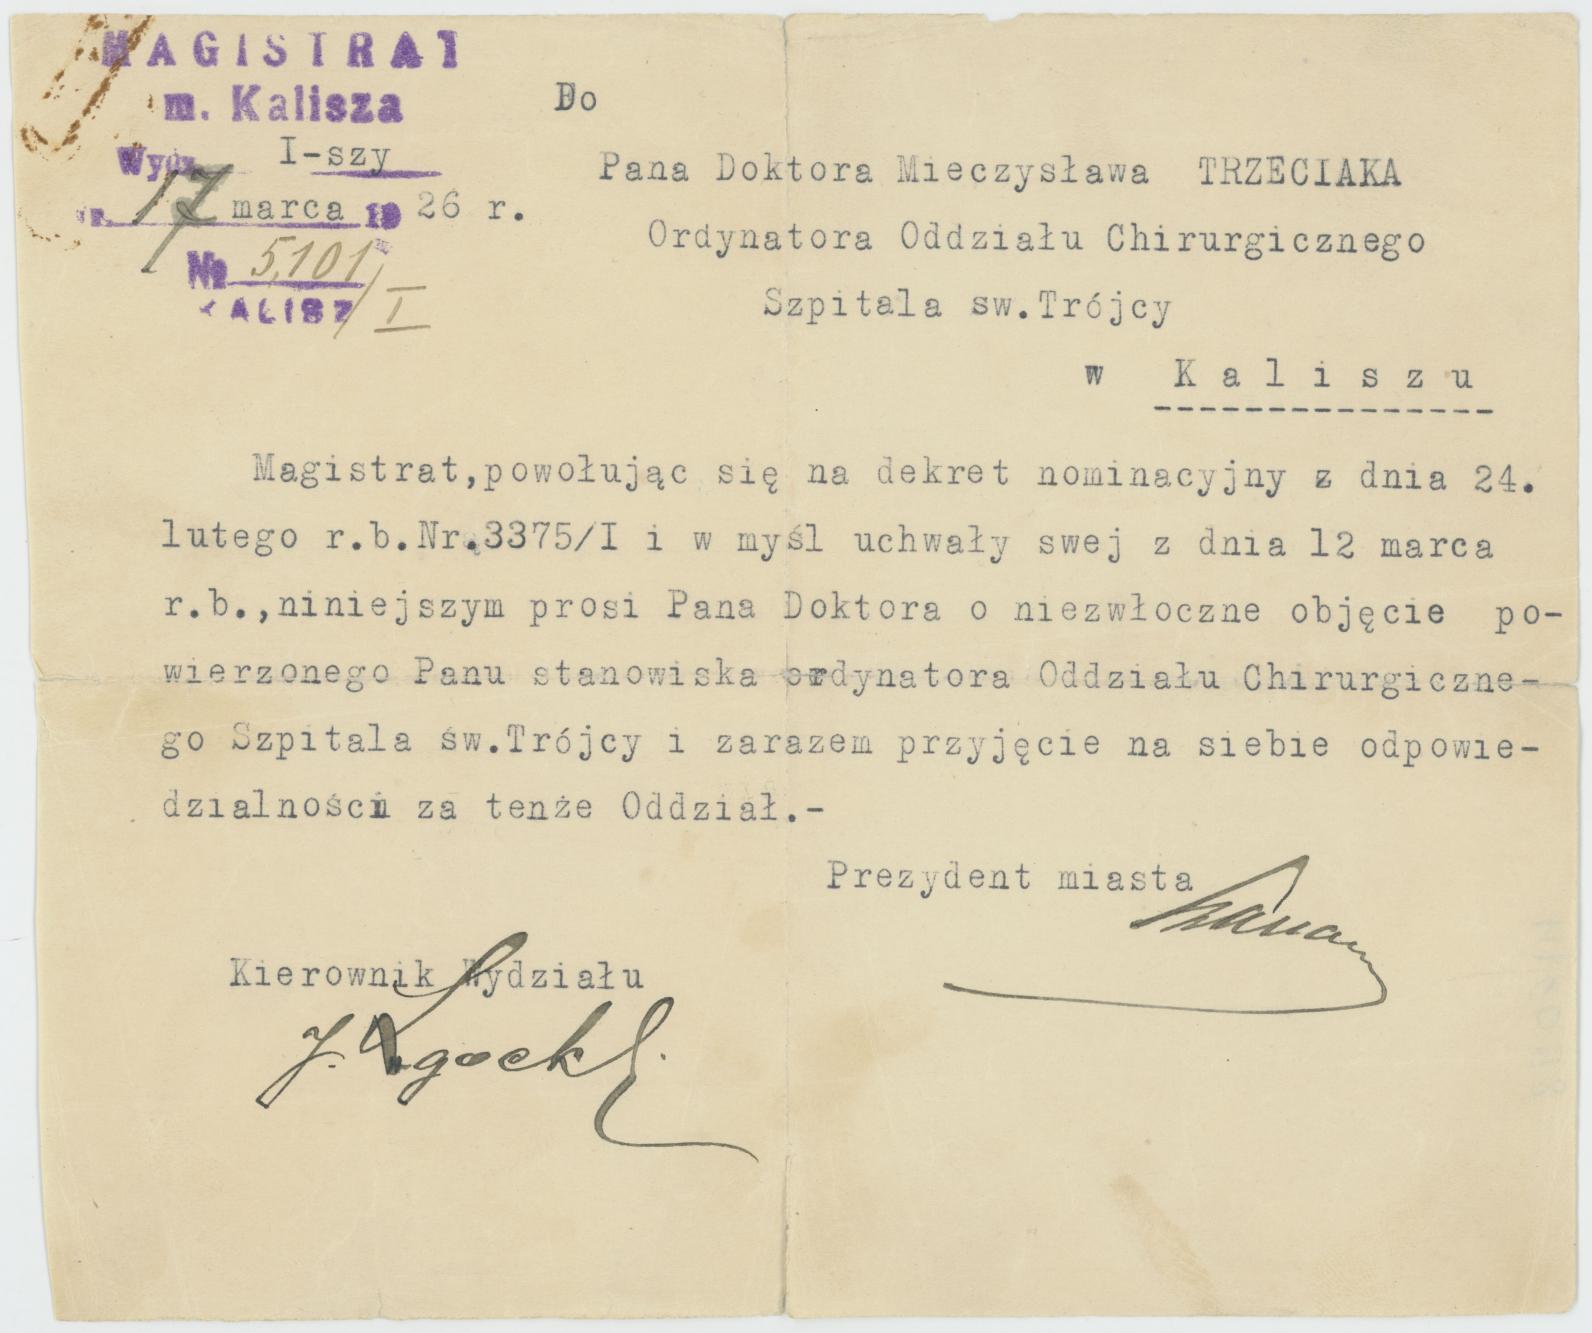 Pismo powołujące Mieczysława Trzeciaka na stanowisko ordynatora oddz. chirurgii kaliskiego Szpitala św. Trójcy